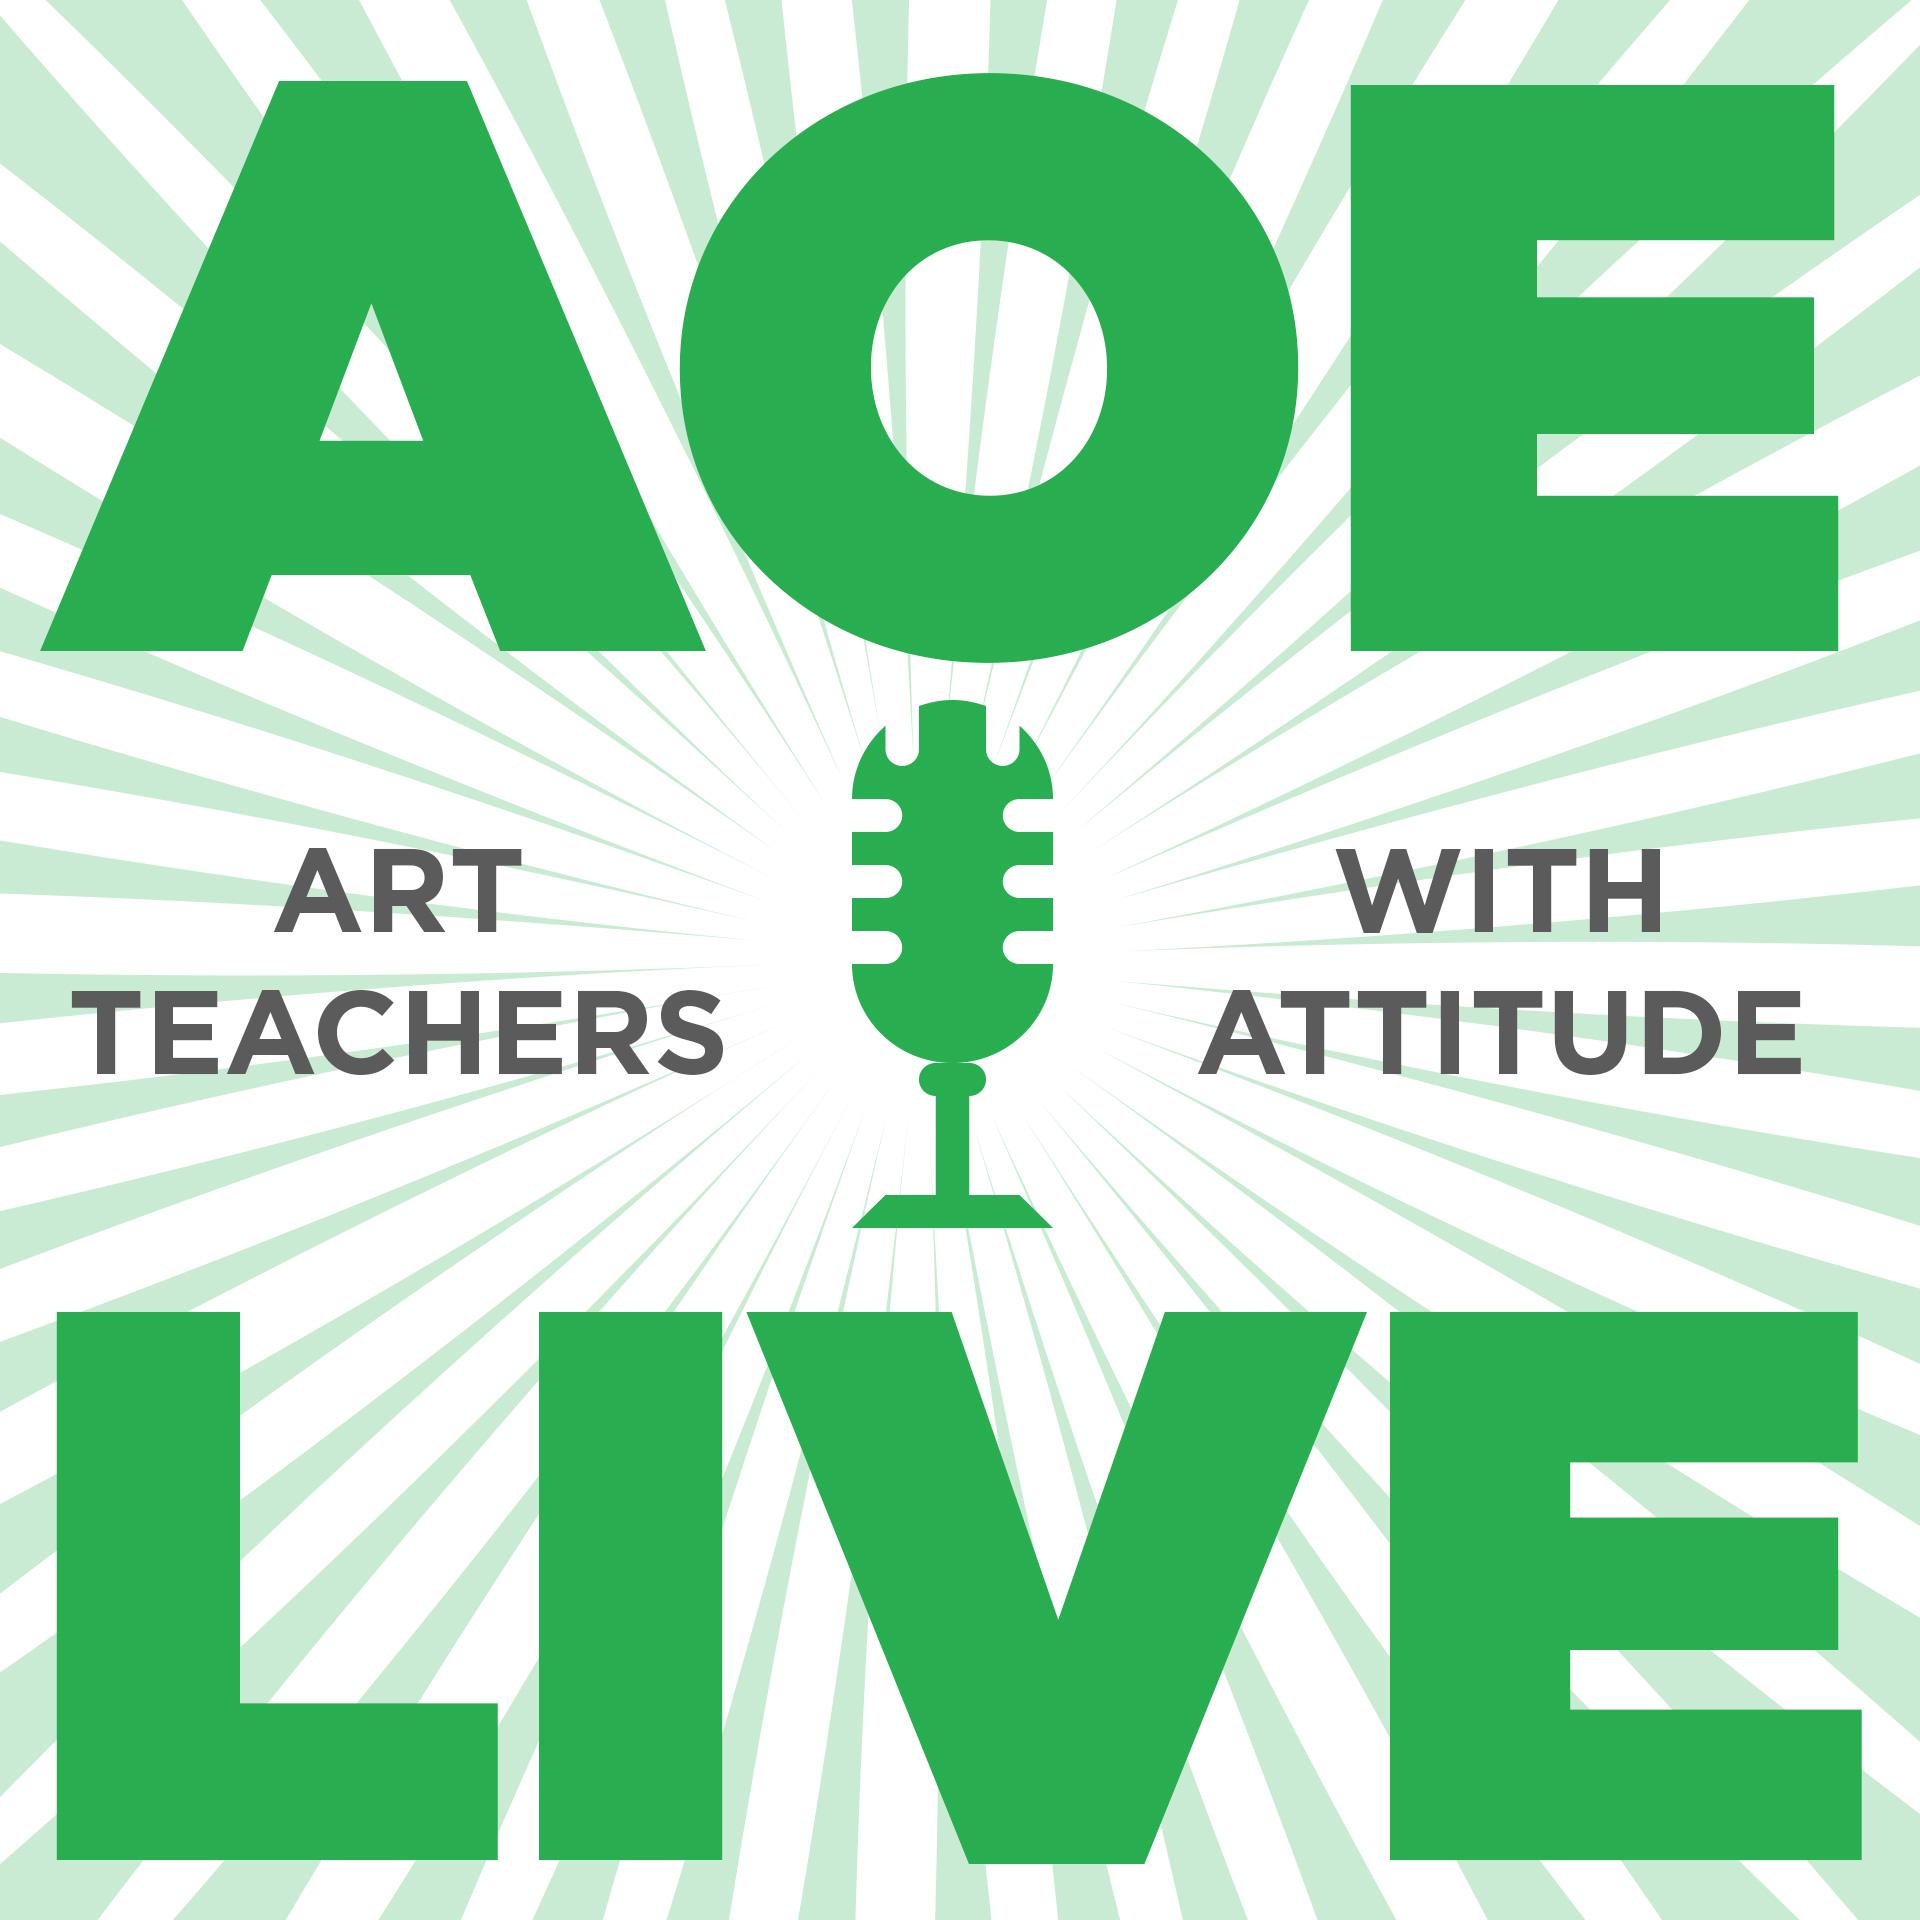 AOE LIVE show art